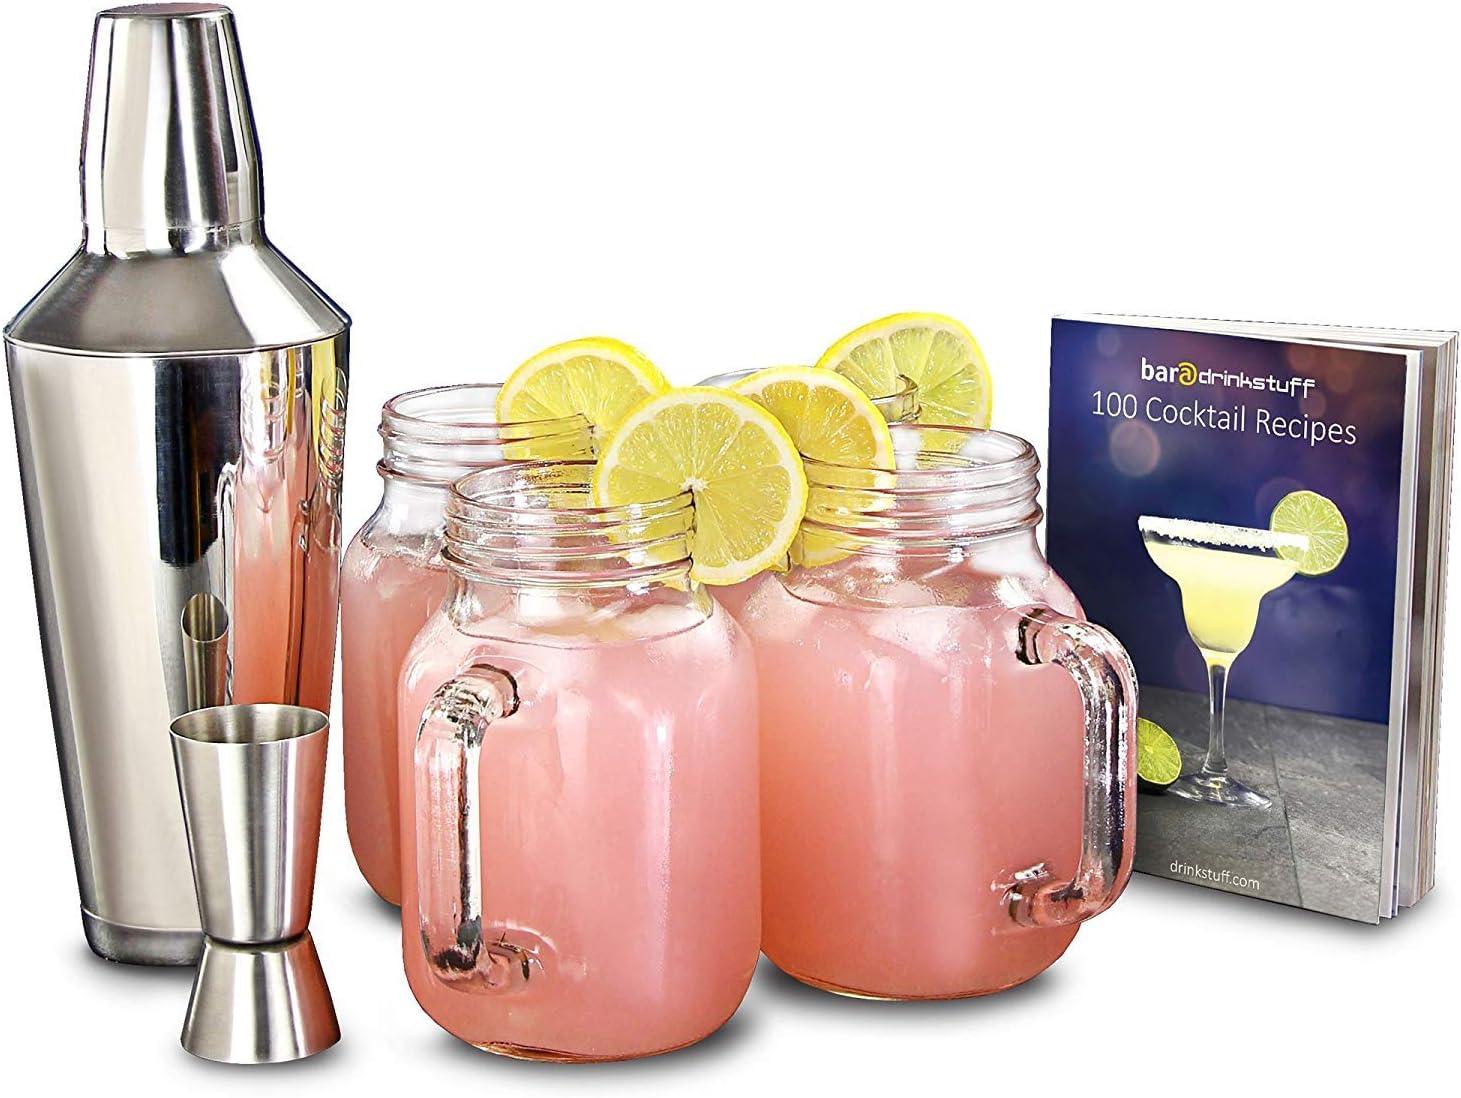 Compra Mason Jar Set - Vintage cóctel que hace el kit incluyendo 4 vidrios del tarro del atasco, coctelera y libro de recetas. en Amazon.es